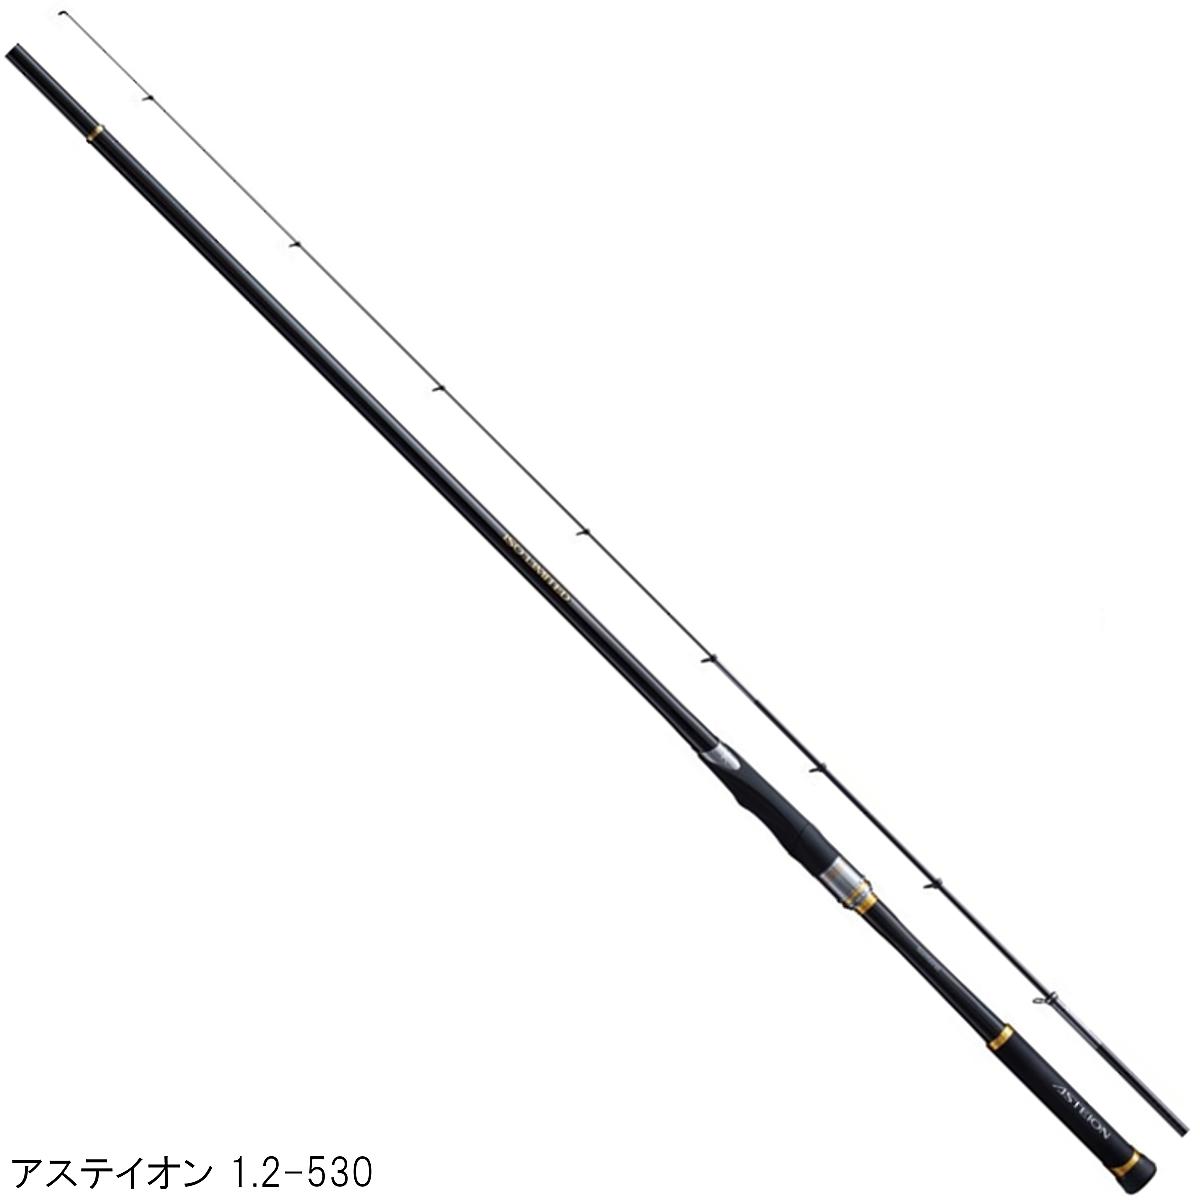 シマノ イソリミテッド アステイオン 1.2-530【送料無料】